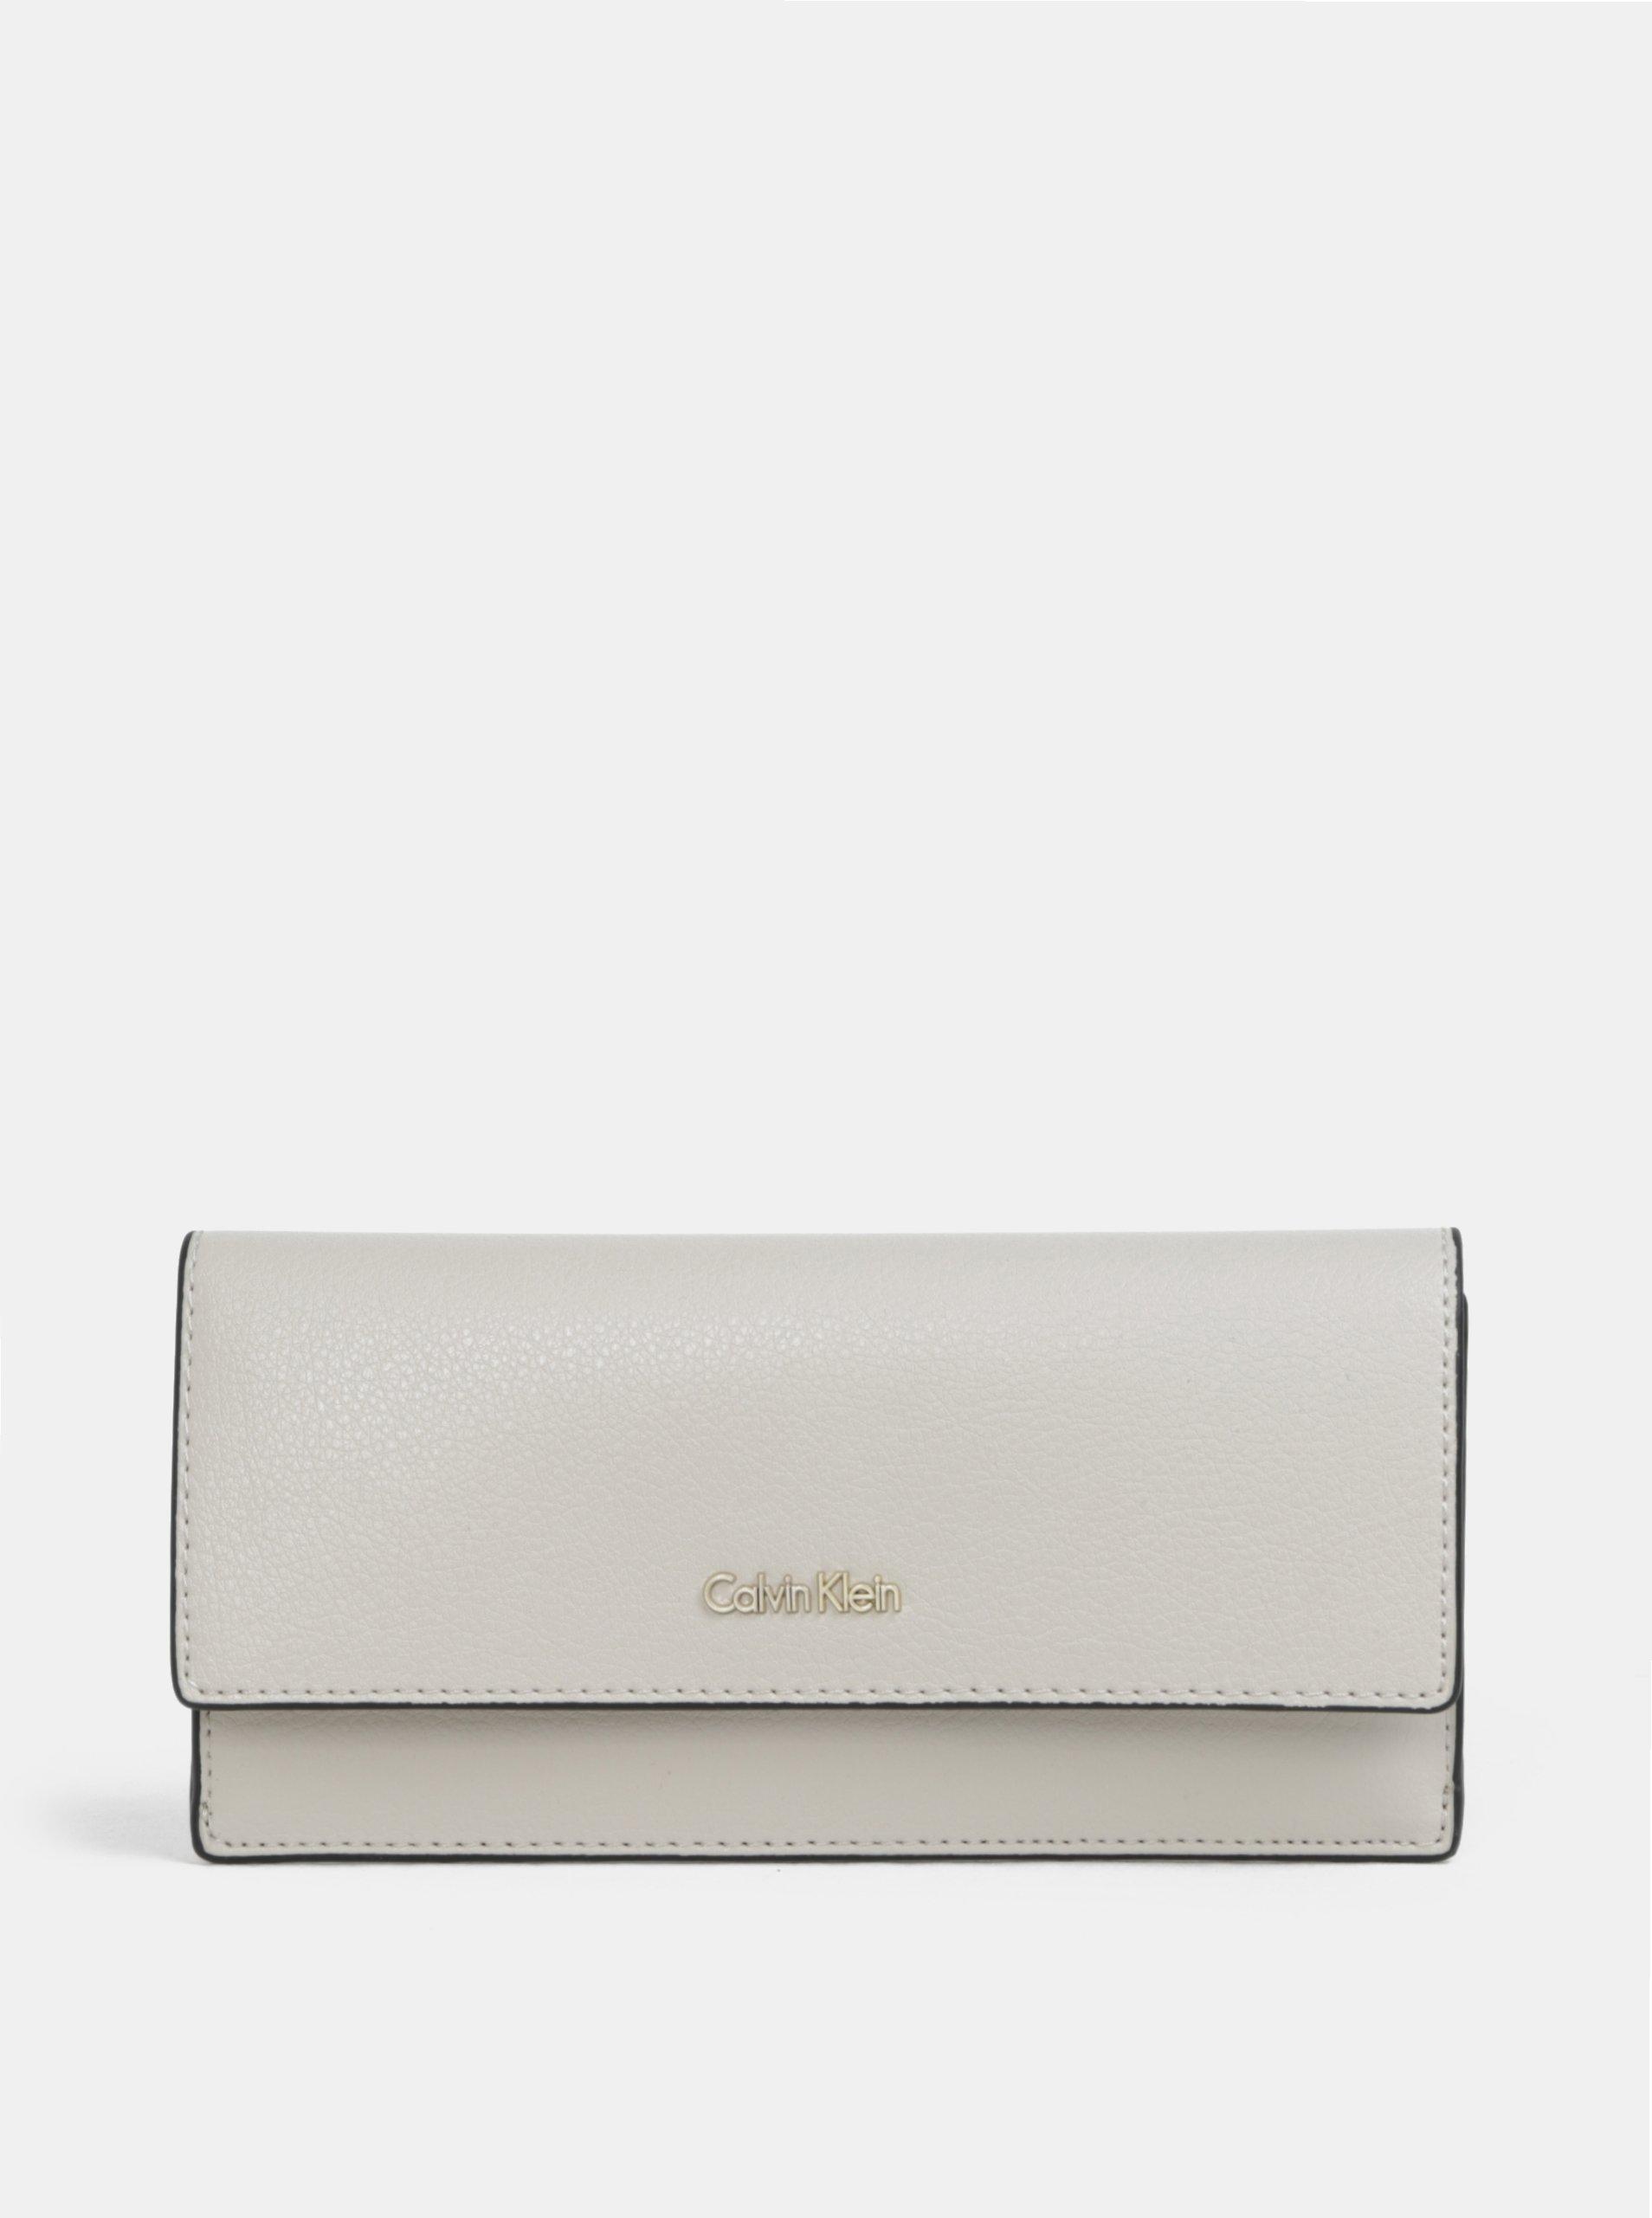 8f4bcea4911f Béžová veľká dámska peňaženka Calvin Klein Jeans